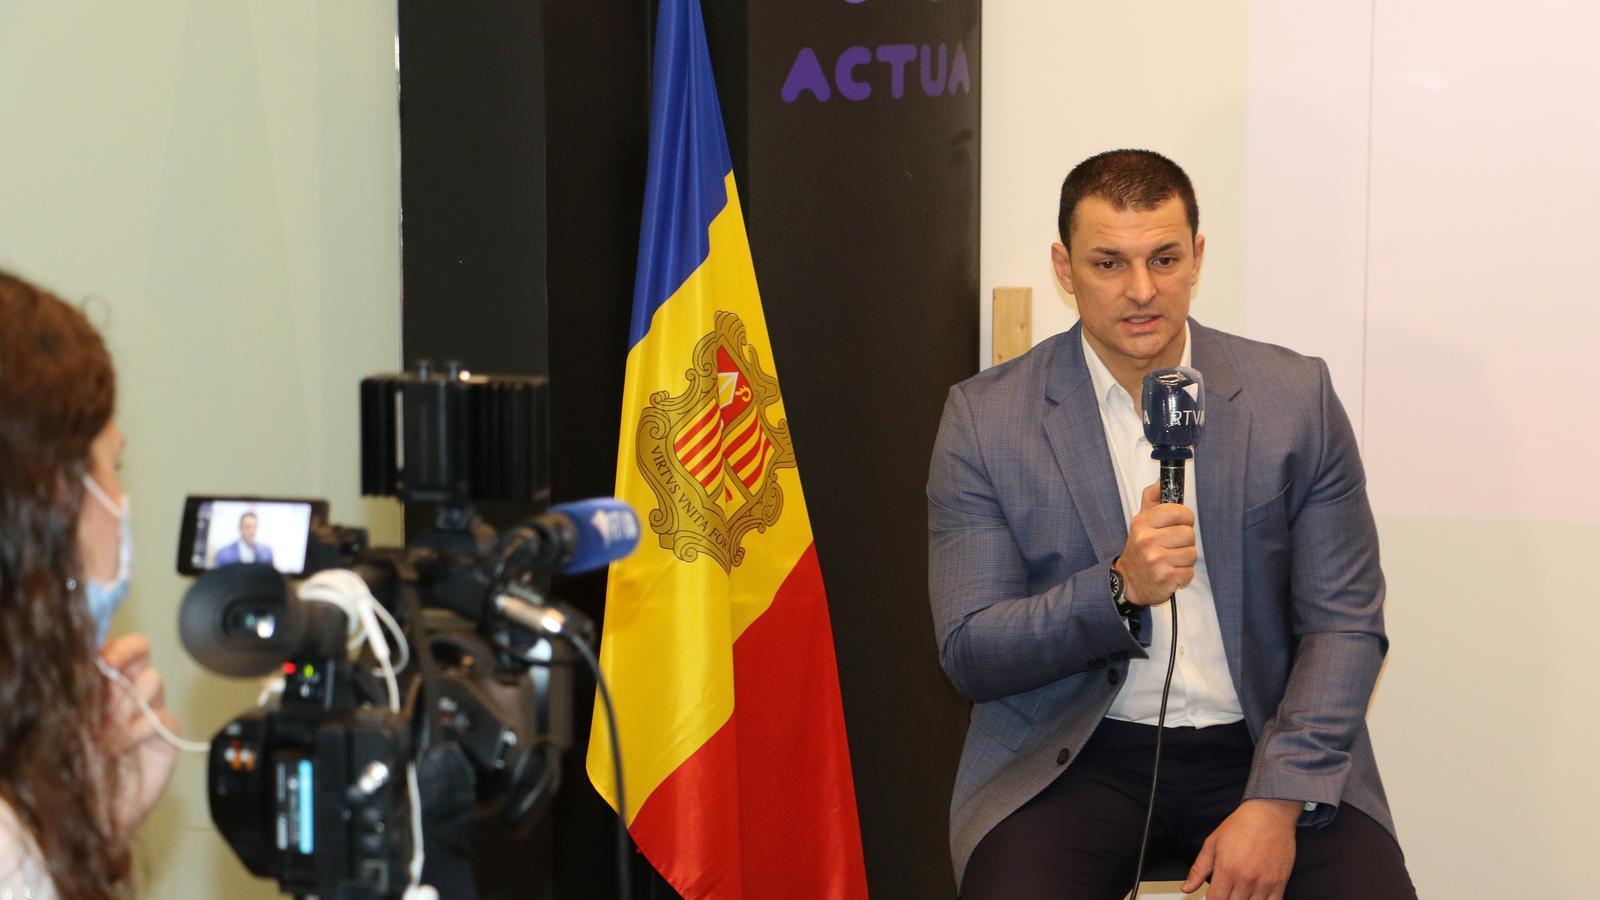 El ministre d'Economia i president d'Actua, Jordi Gallardo, durant la presentació dels tres programes. / E.C. (ANA)